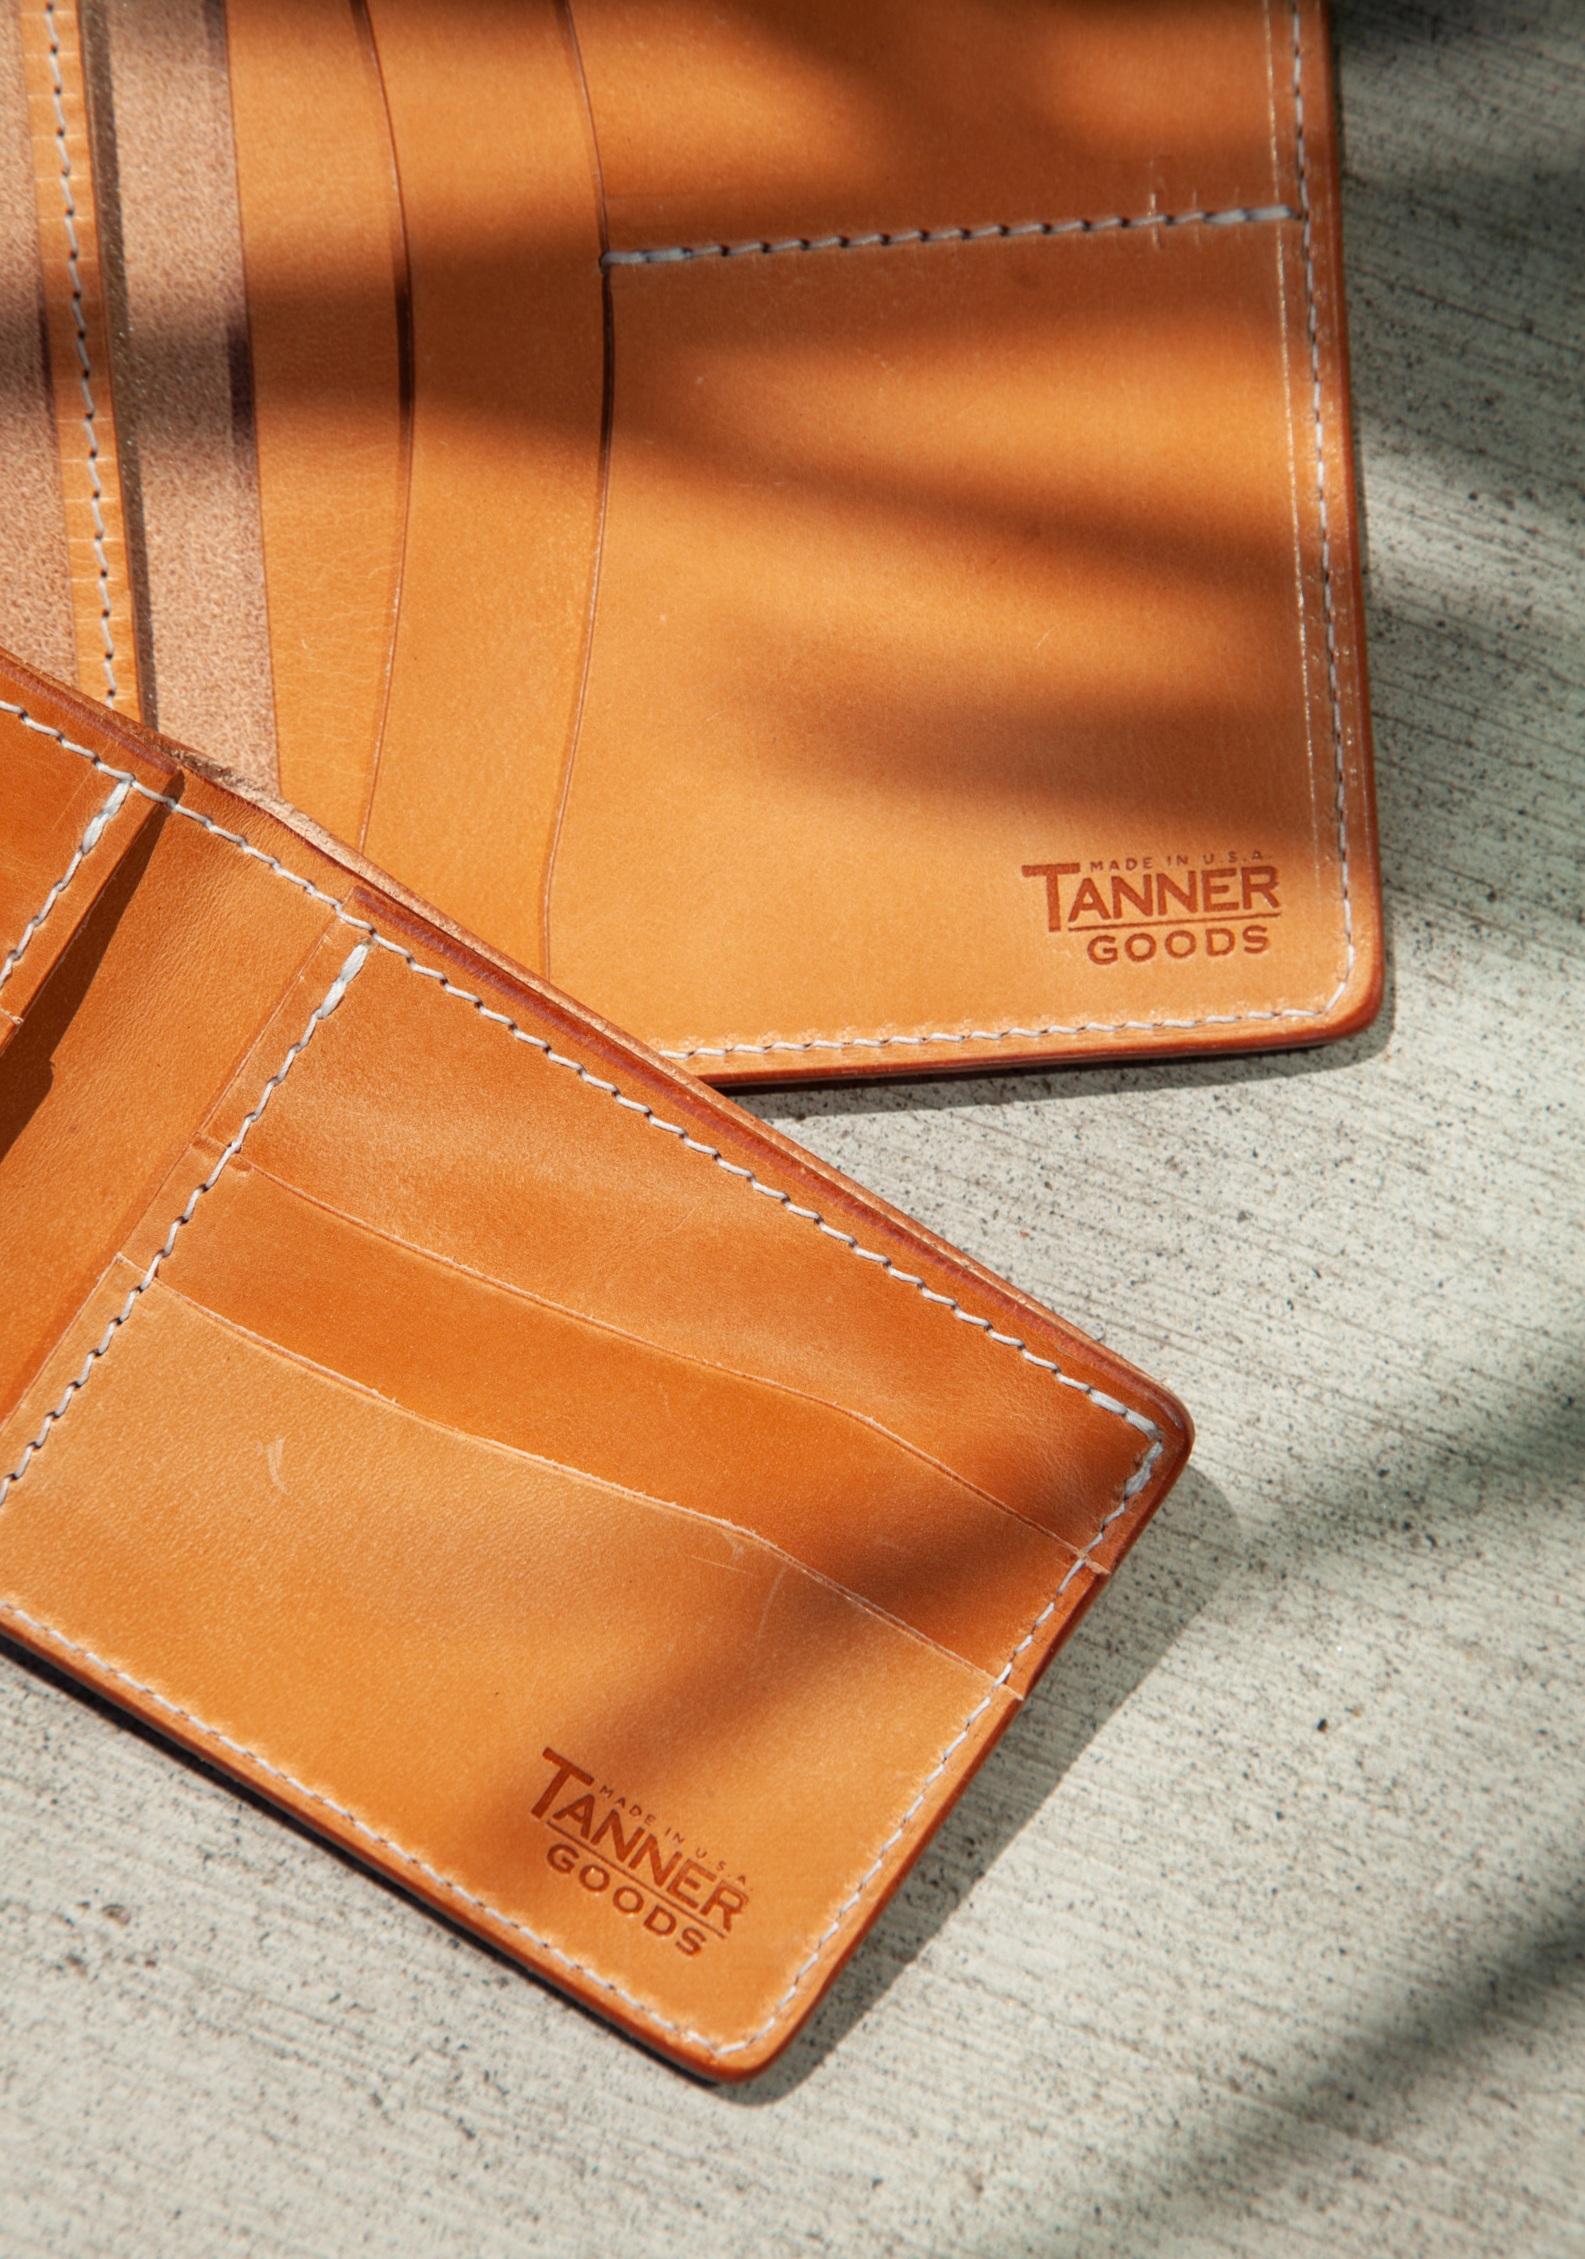 Golden Harness for Tanner Goods